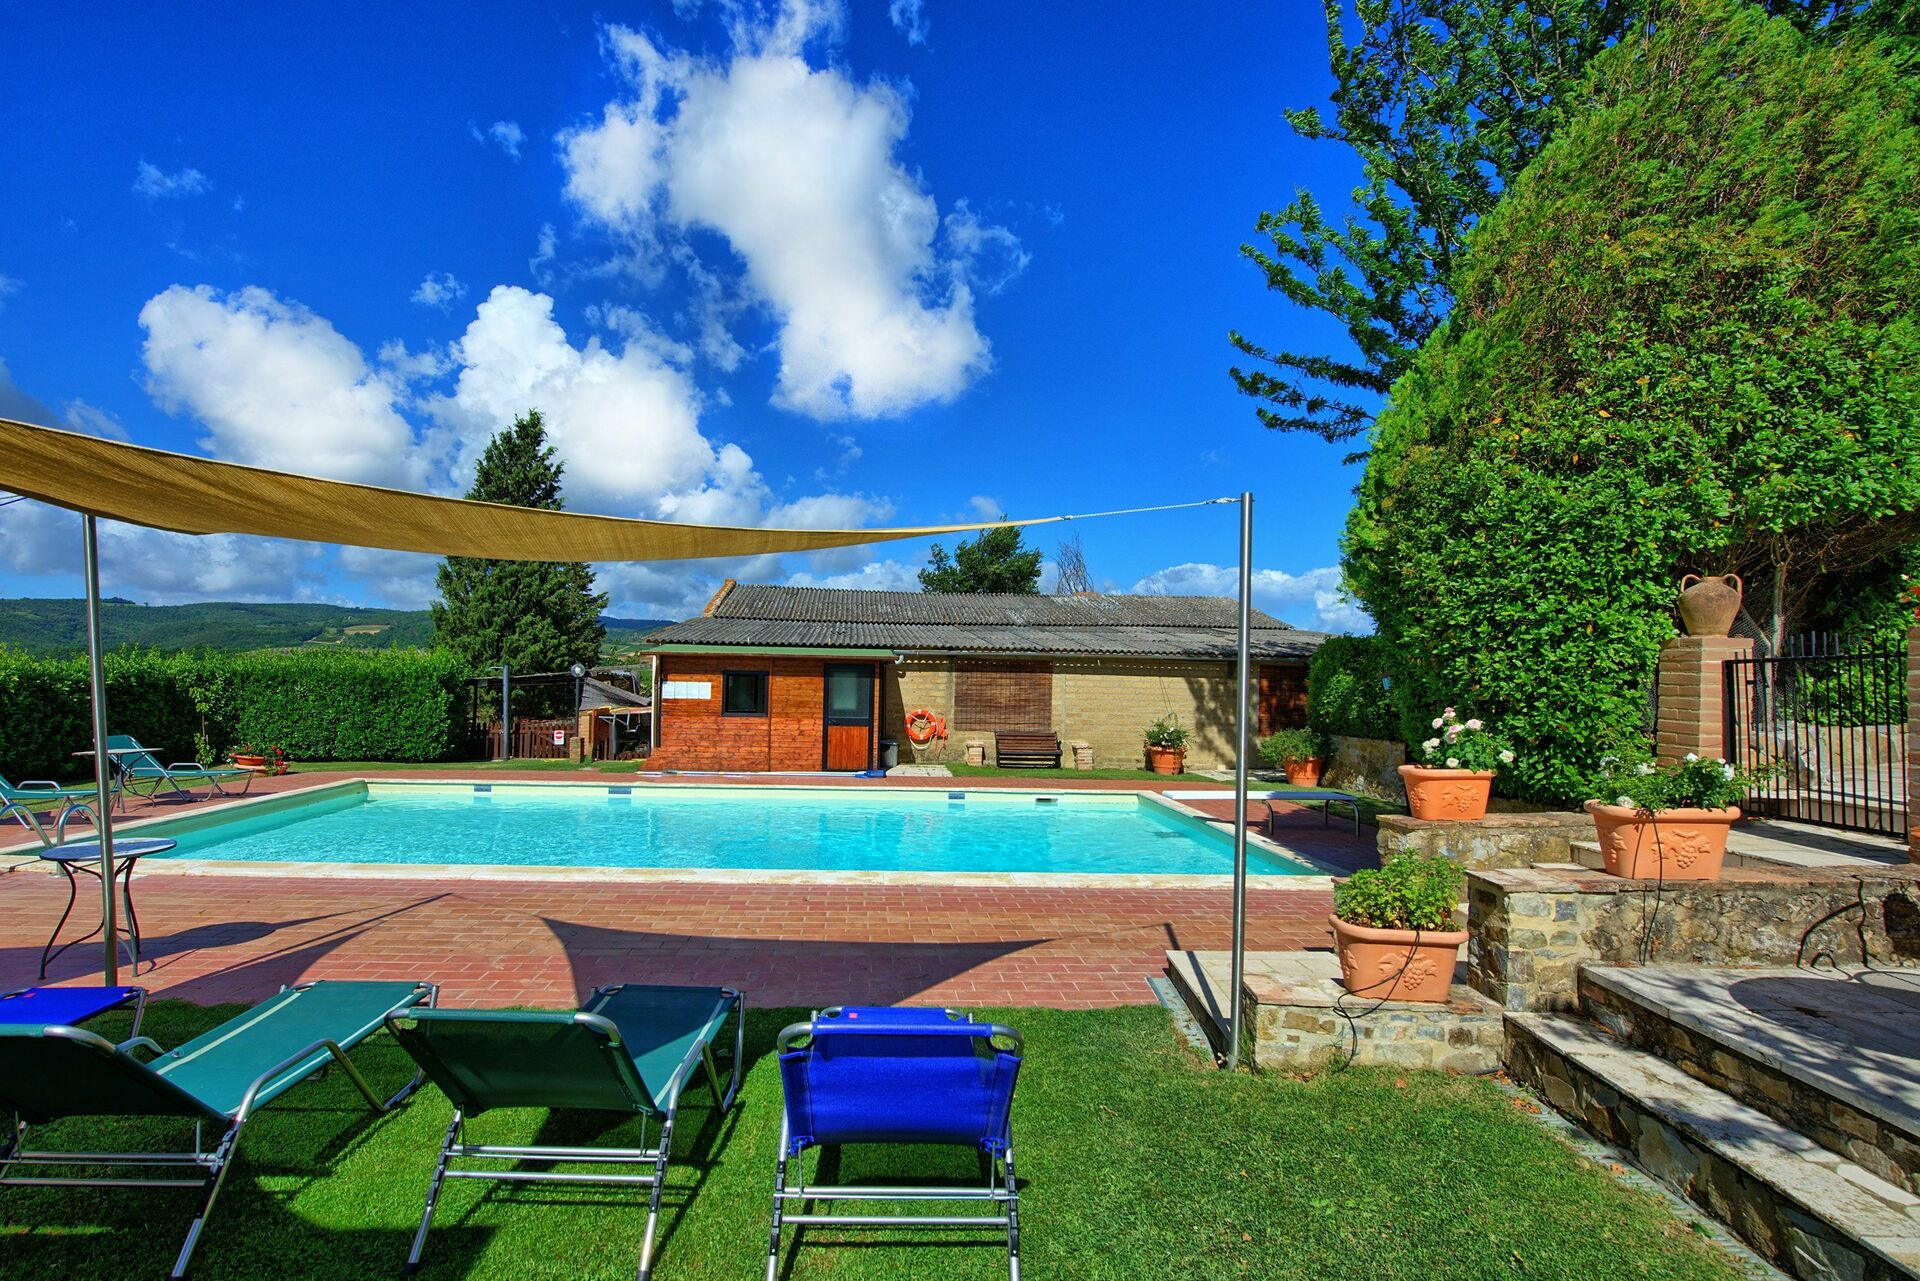 Vakantiehuis 7 Slaapkamers : Cerretalta vakantiehuis in san quirico d orcia toscane voor